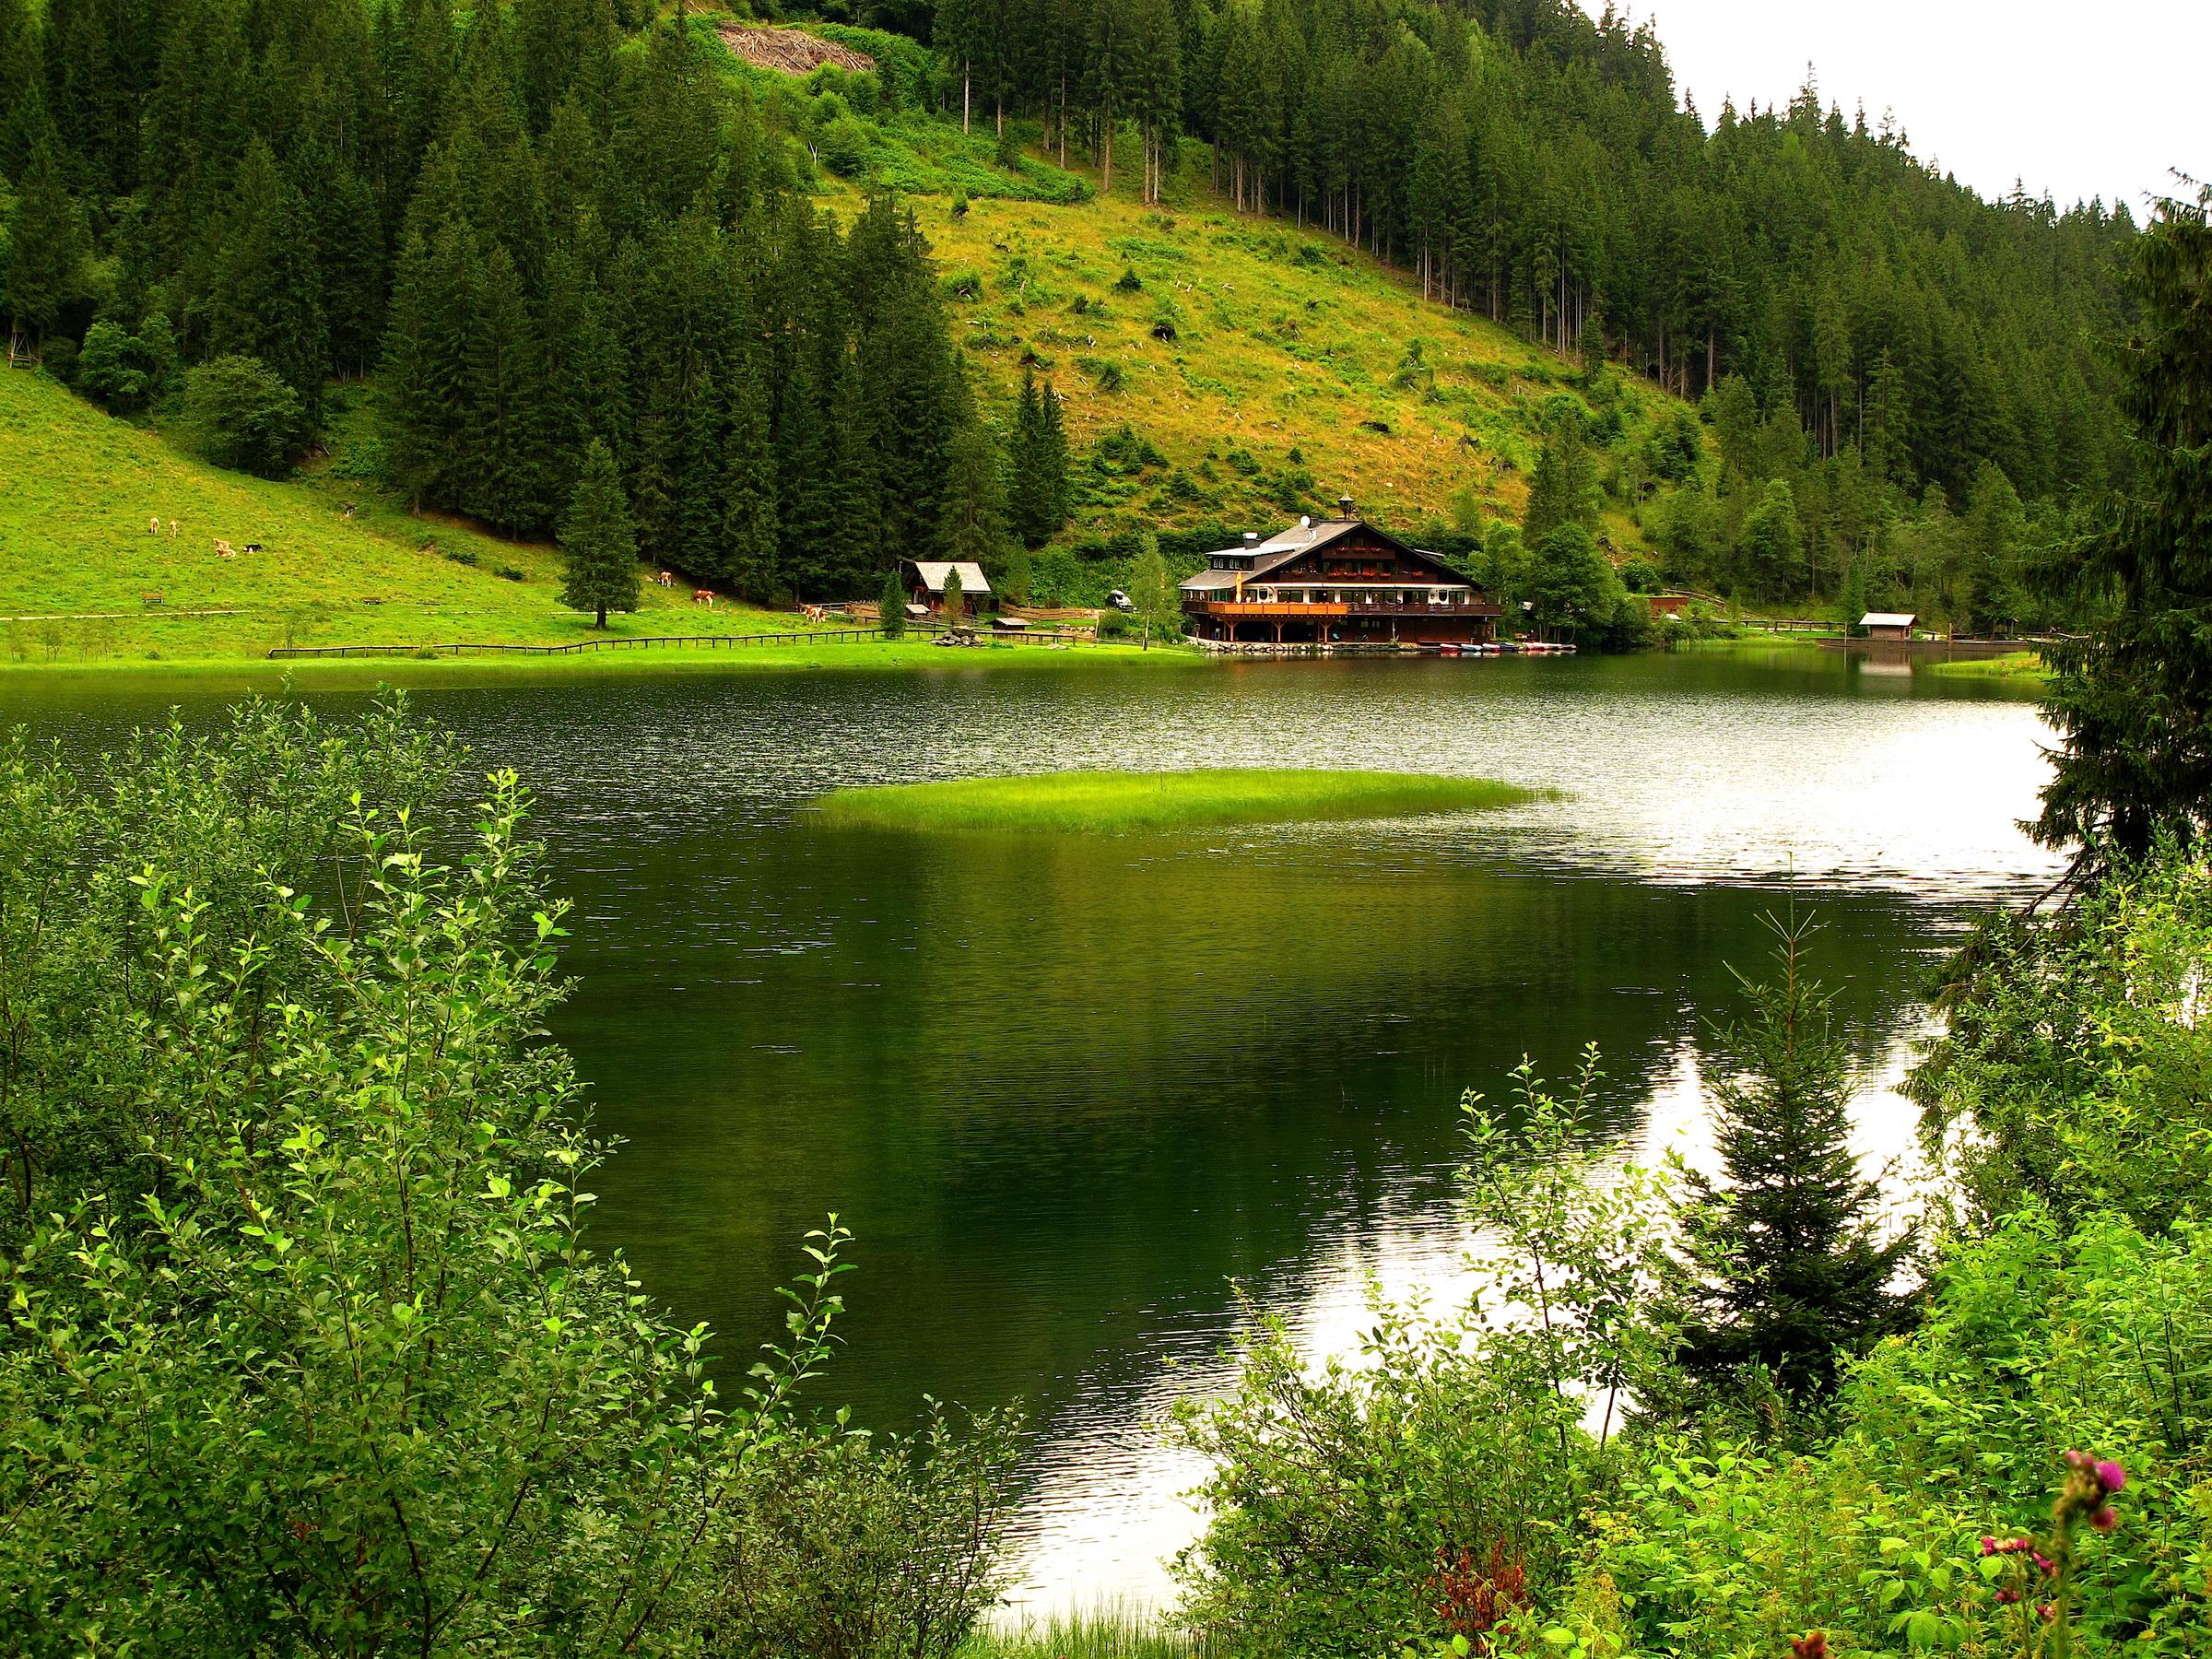 природа озеро дом лес деревья  № 2447981 загрузить